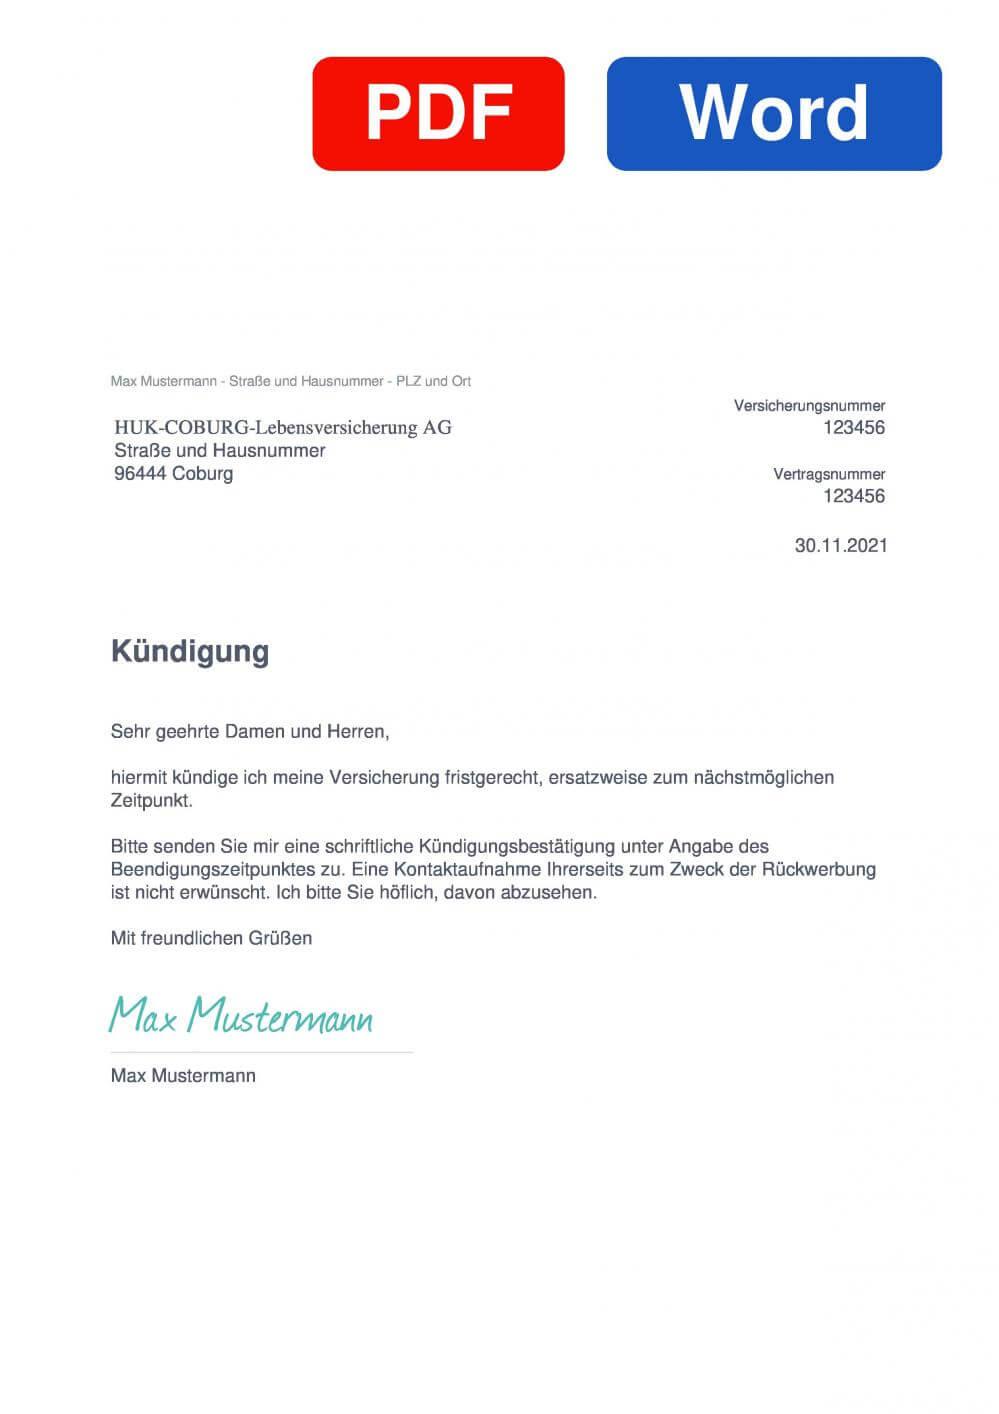 HUK Coburg Rentenversicherung Muster Vorlage für Kündigungsschreiben